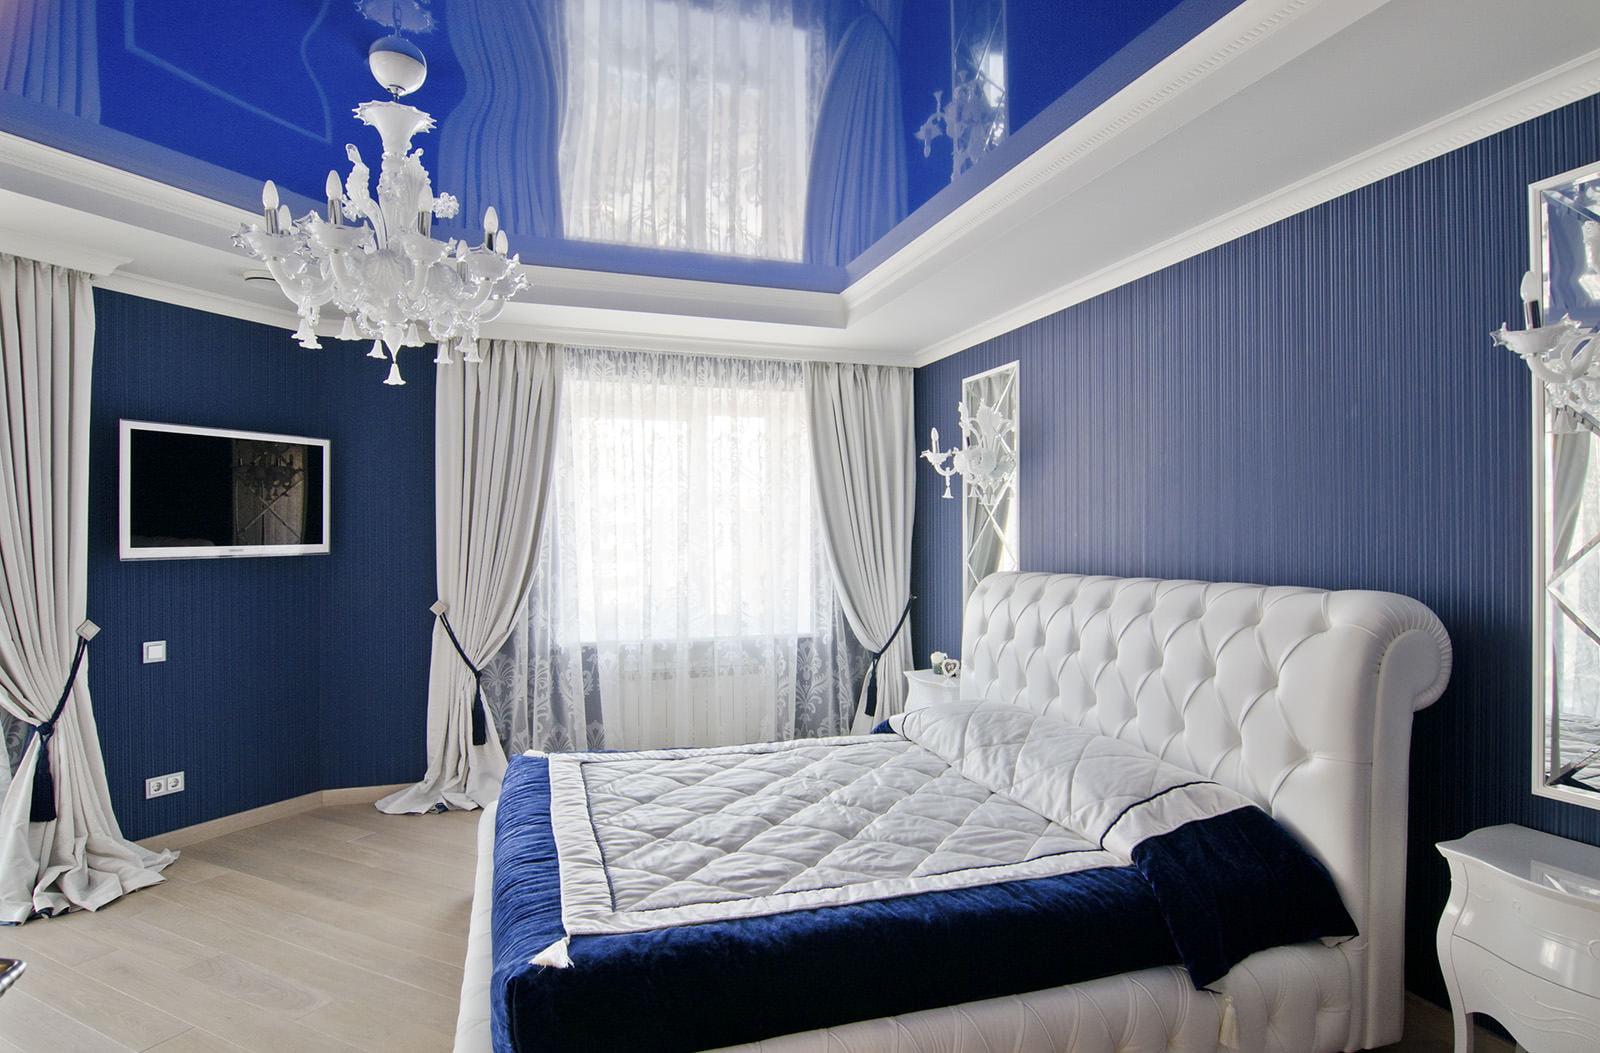 Натяжные потолки для спальни: разновидности, и как выбрать